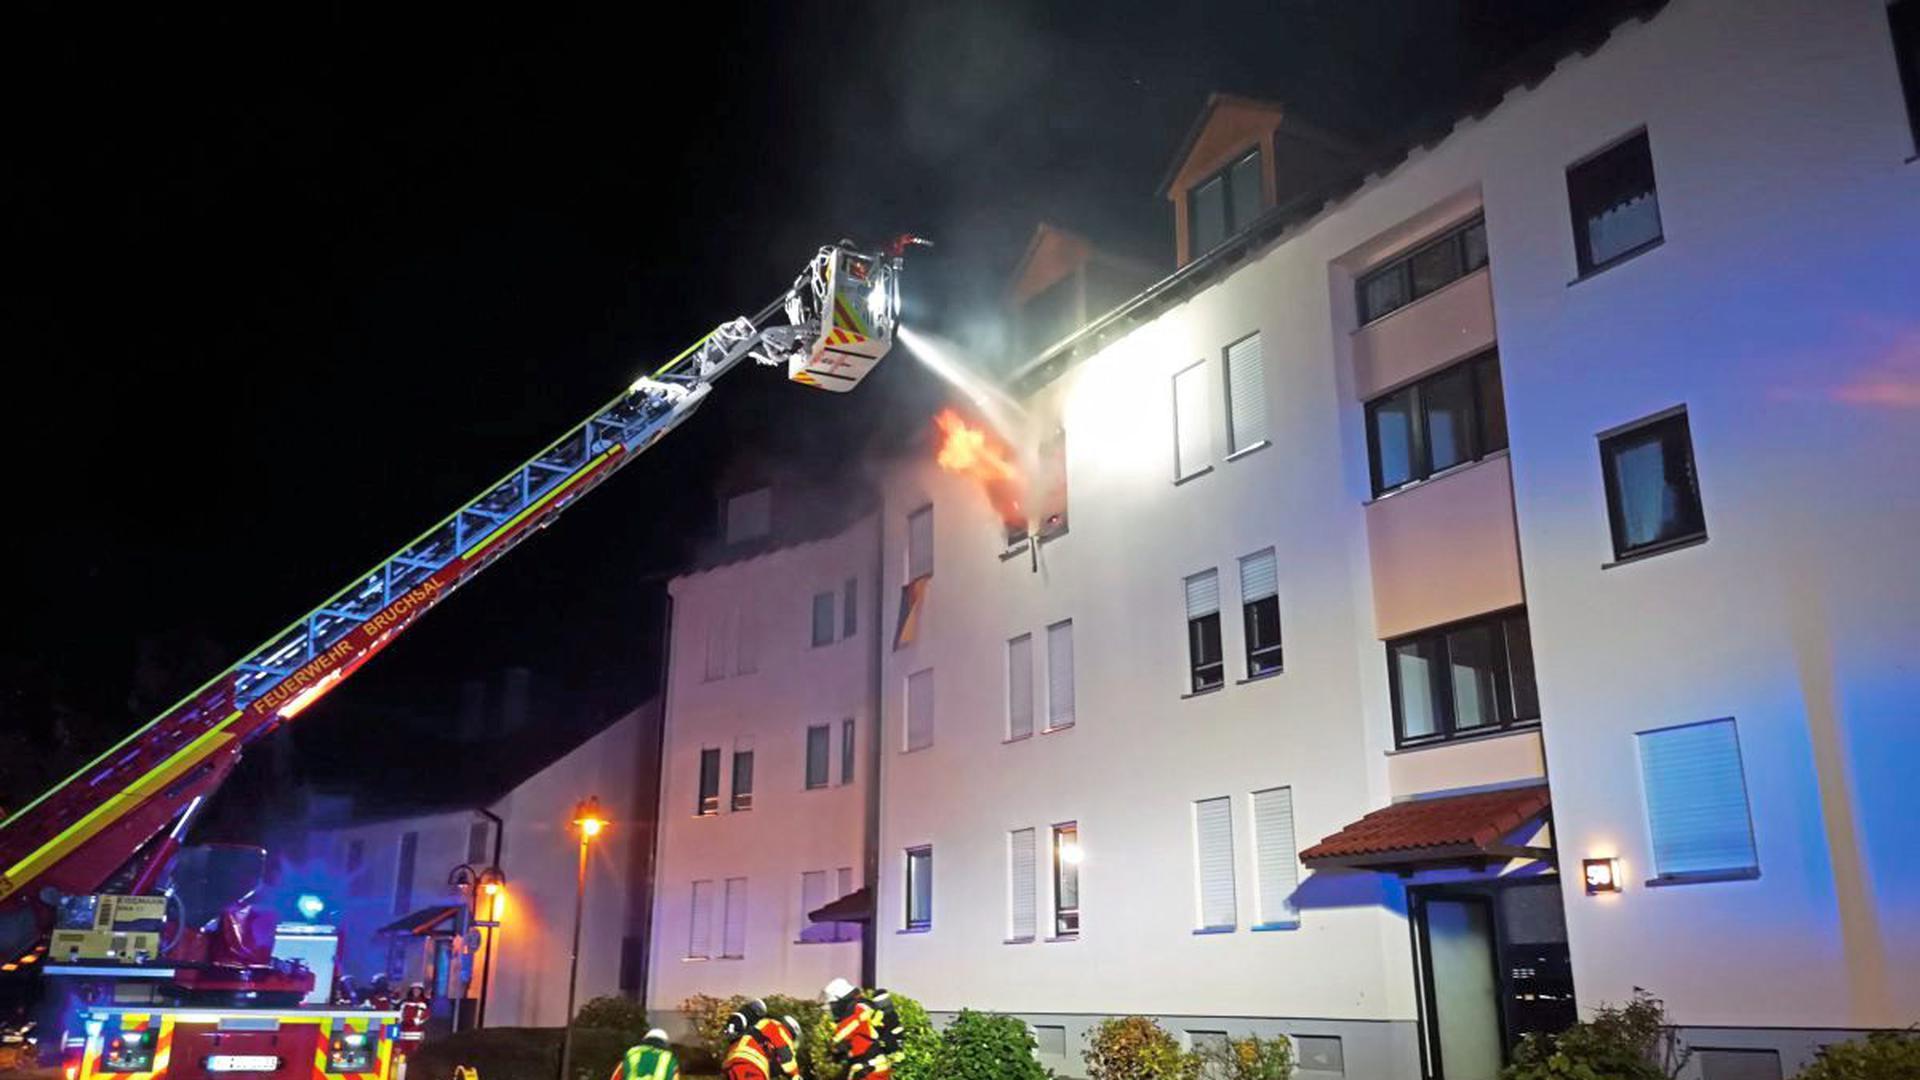 Bruchsal: Die Wohnung im zweiten Obergeschoss stand lichterloh in Flammen.